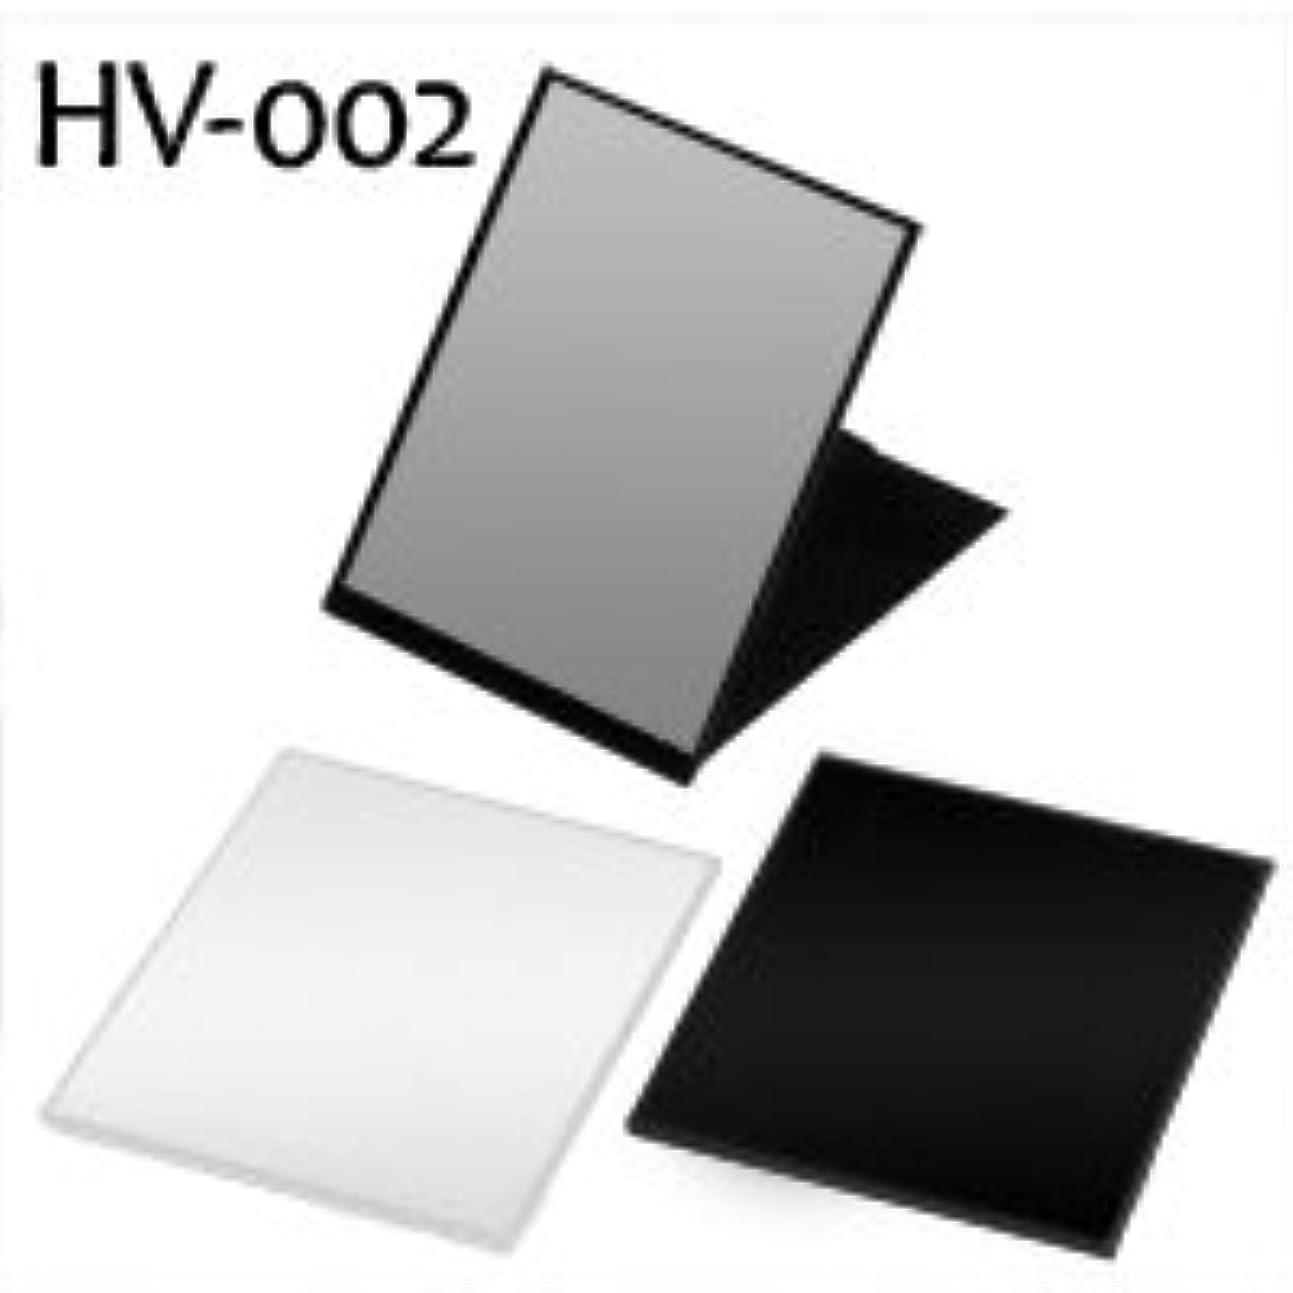 ニッケル修士号無しハイパービュースリム&ライトコンパクトミラー(L) HV-002 ホワイト